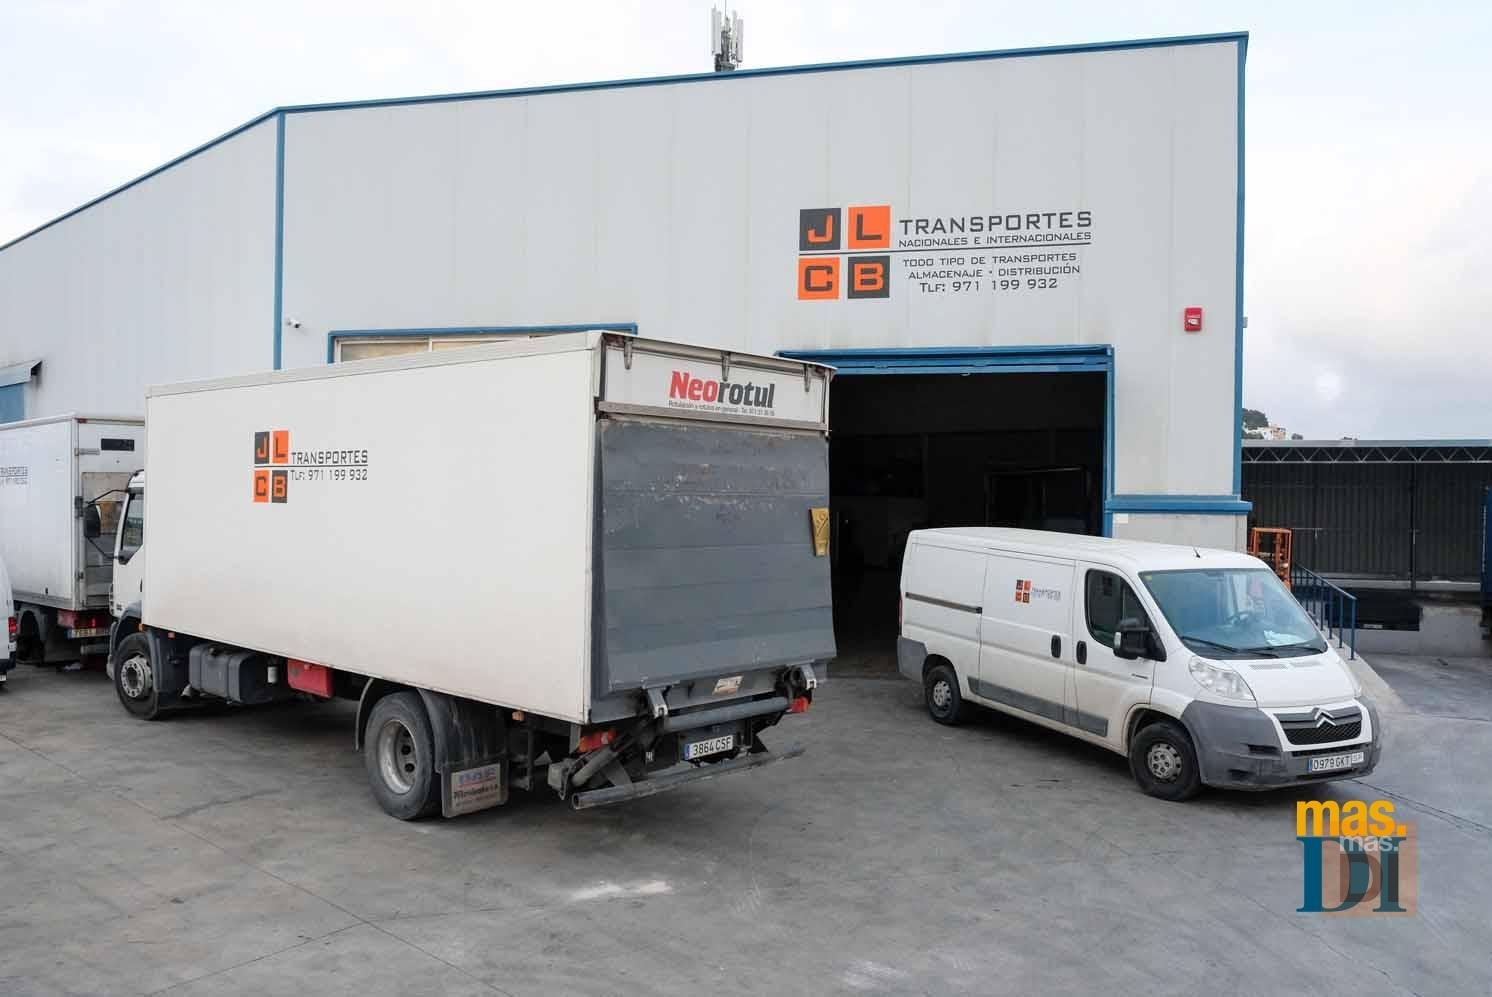 JLCB, experiencia y seriedad en  el transporte de mercancías